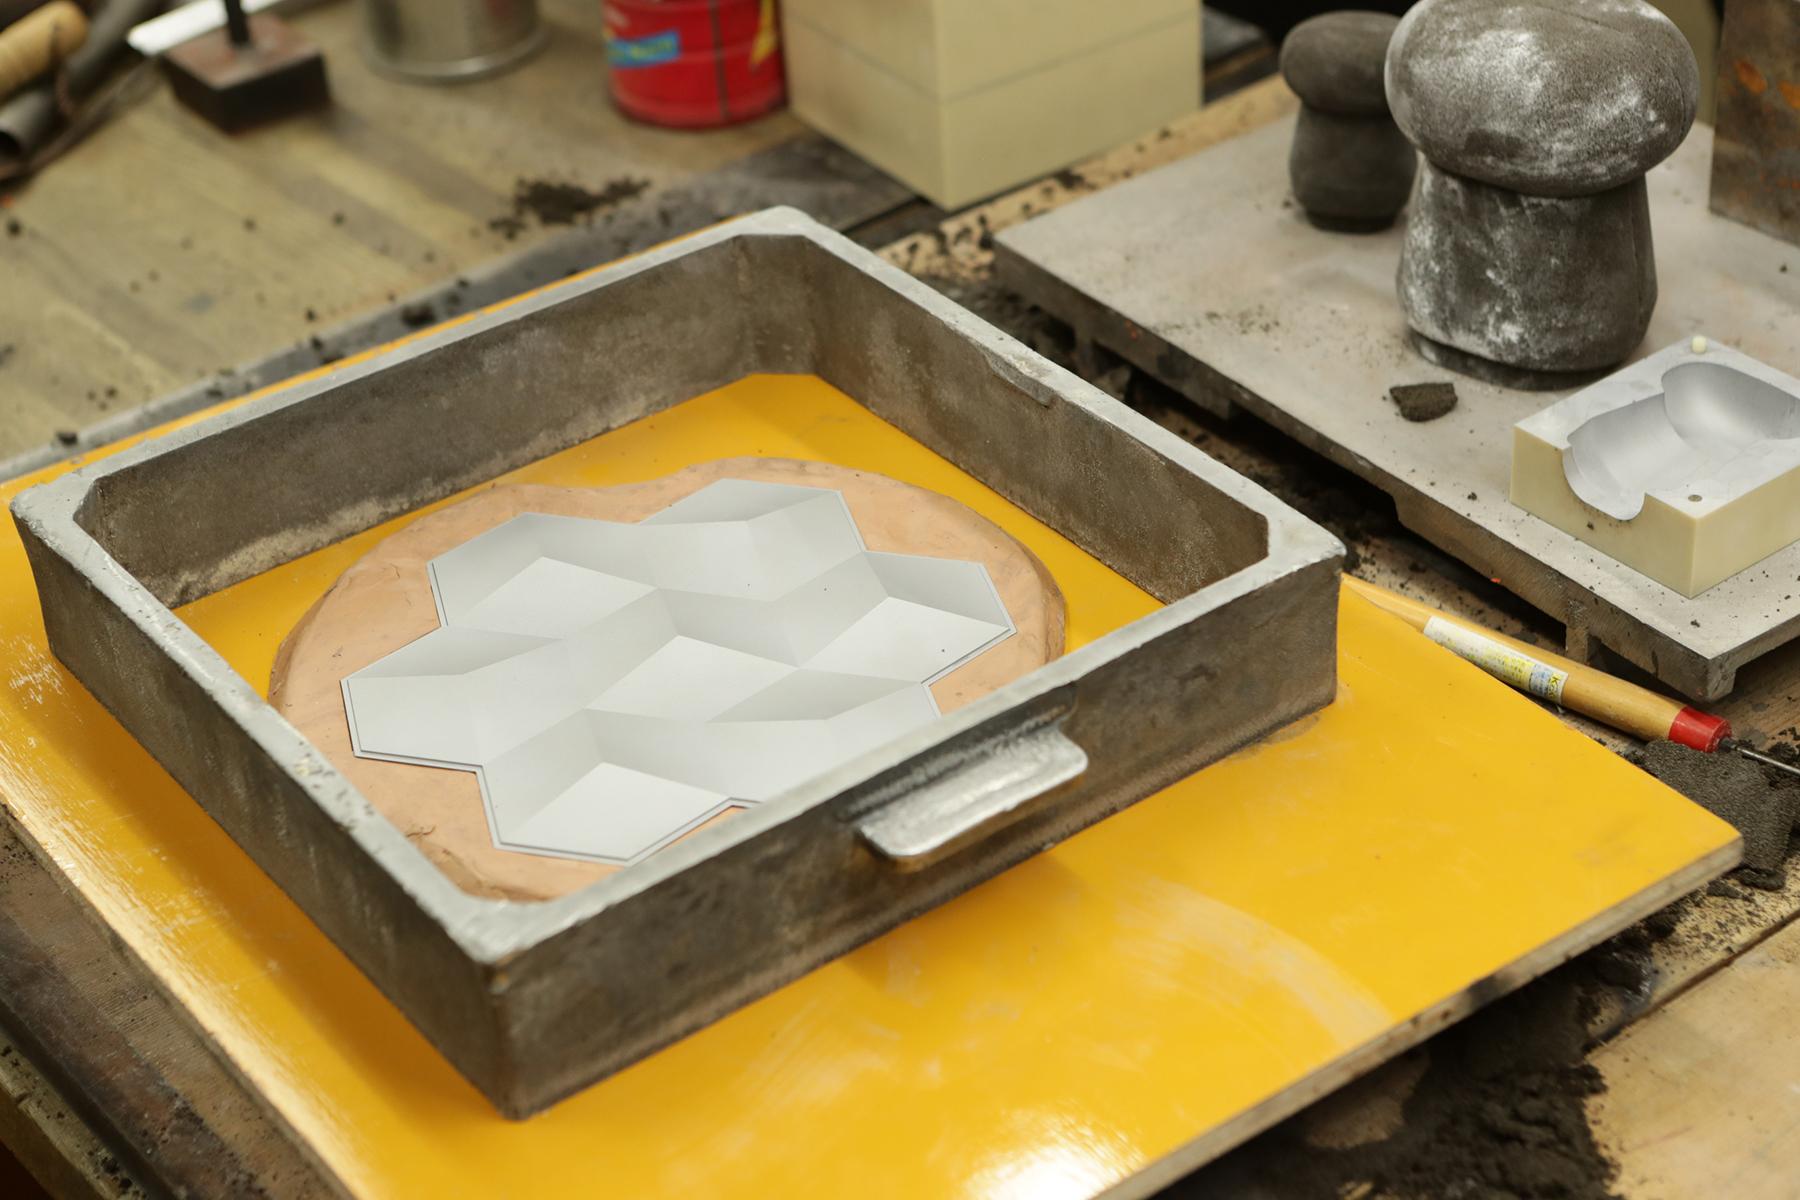 活用現代科技,用來製作鑄模的原型是採用3D列印技術輸出。